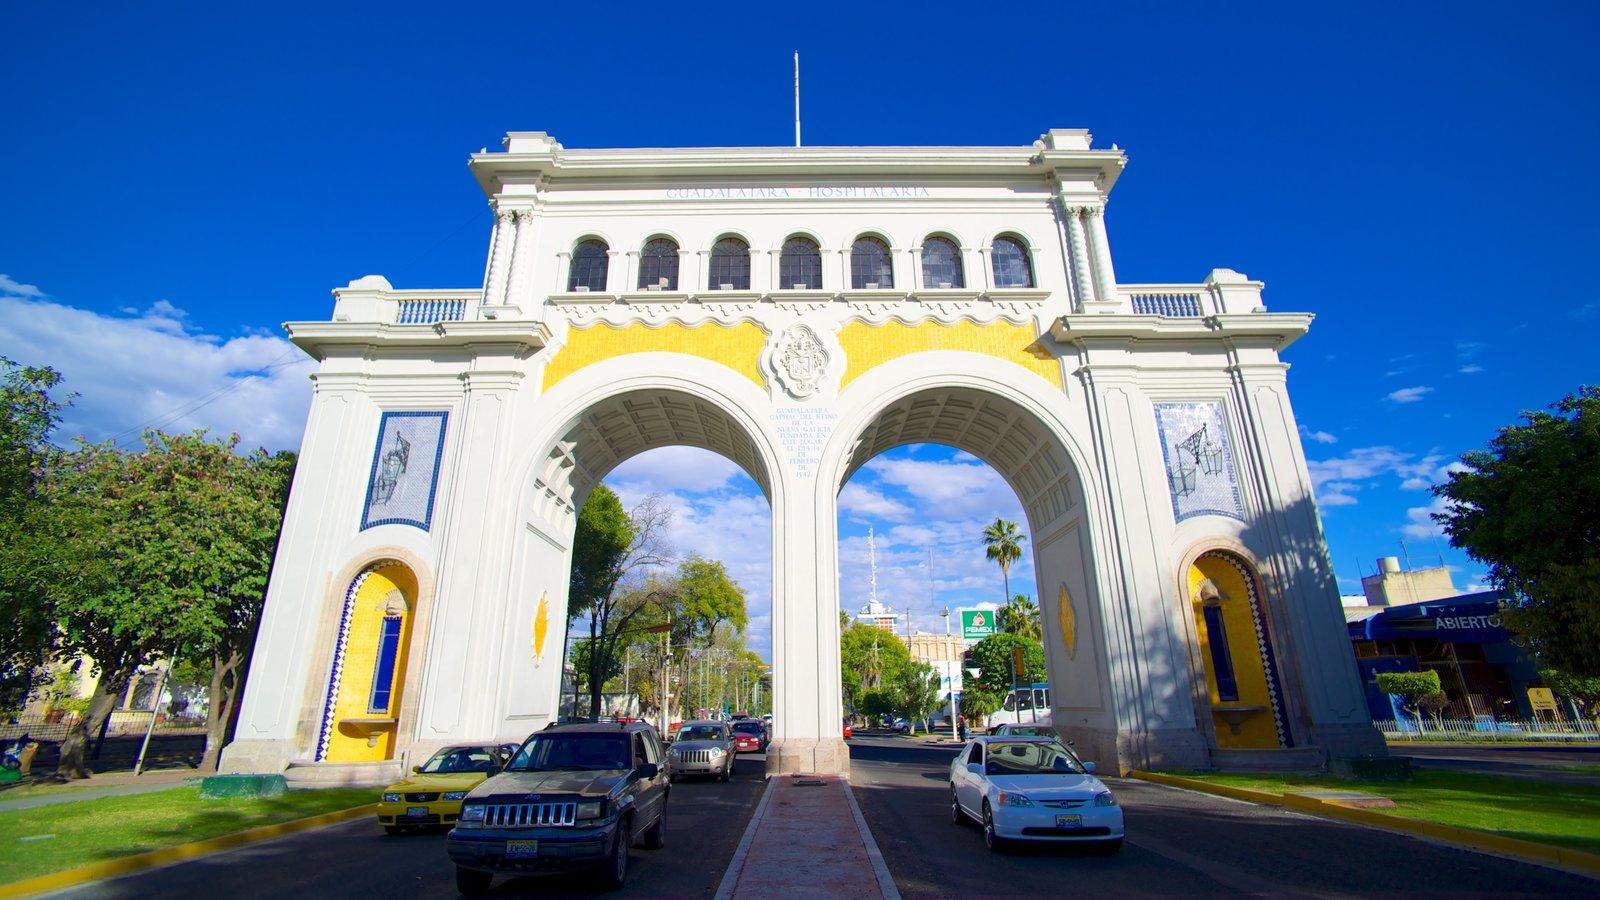 Los Arcos de Guadalajara mostrando cenas de rua, um monumento e arquitetura de patrimônio